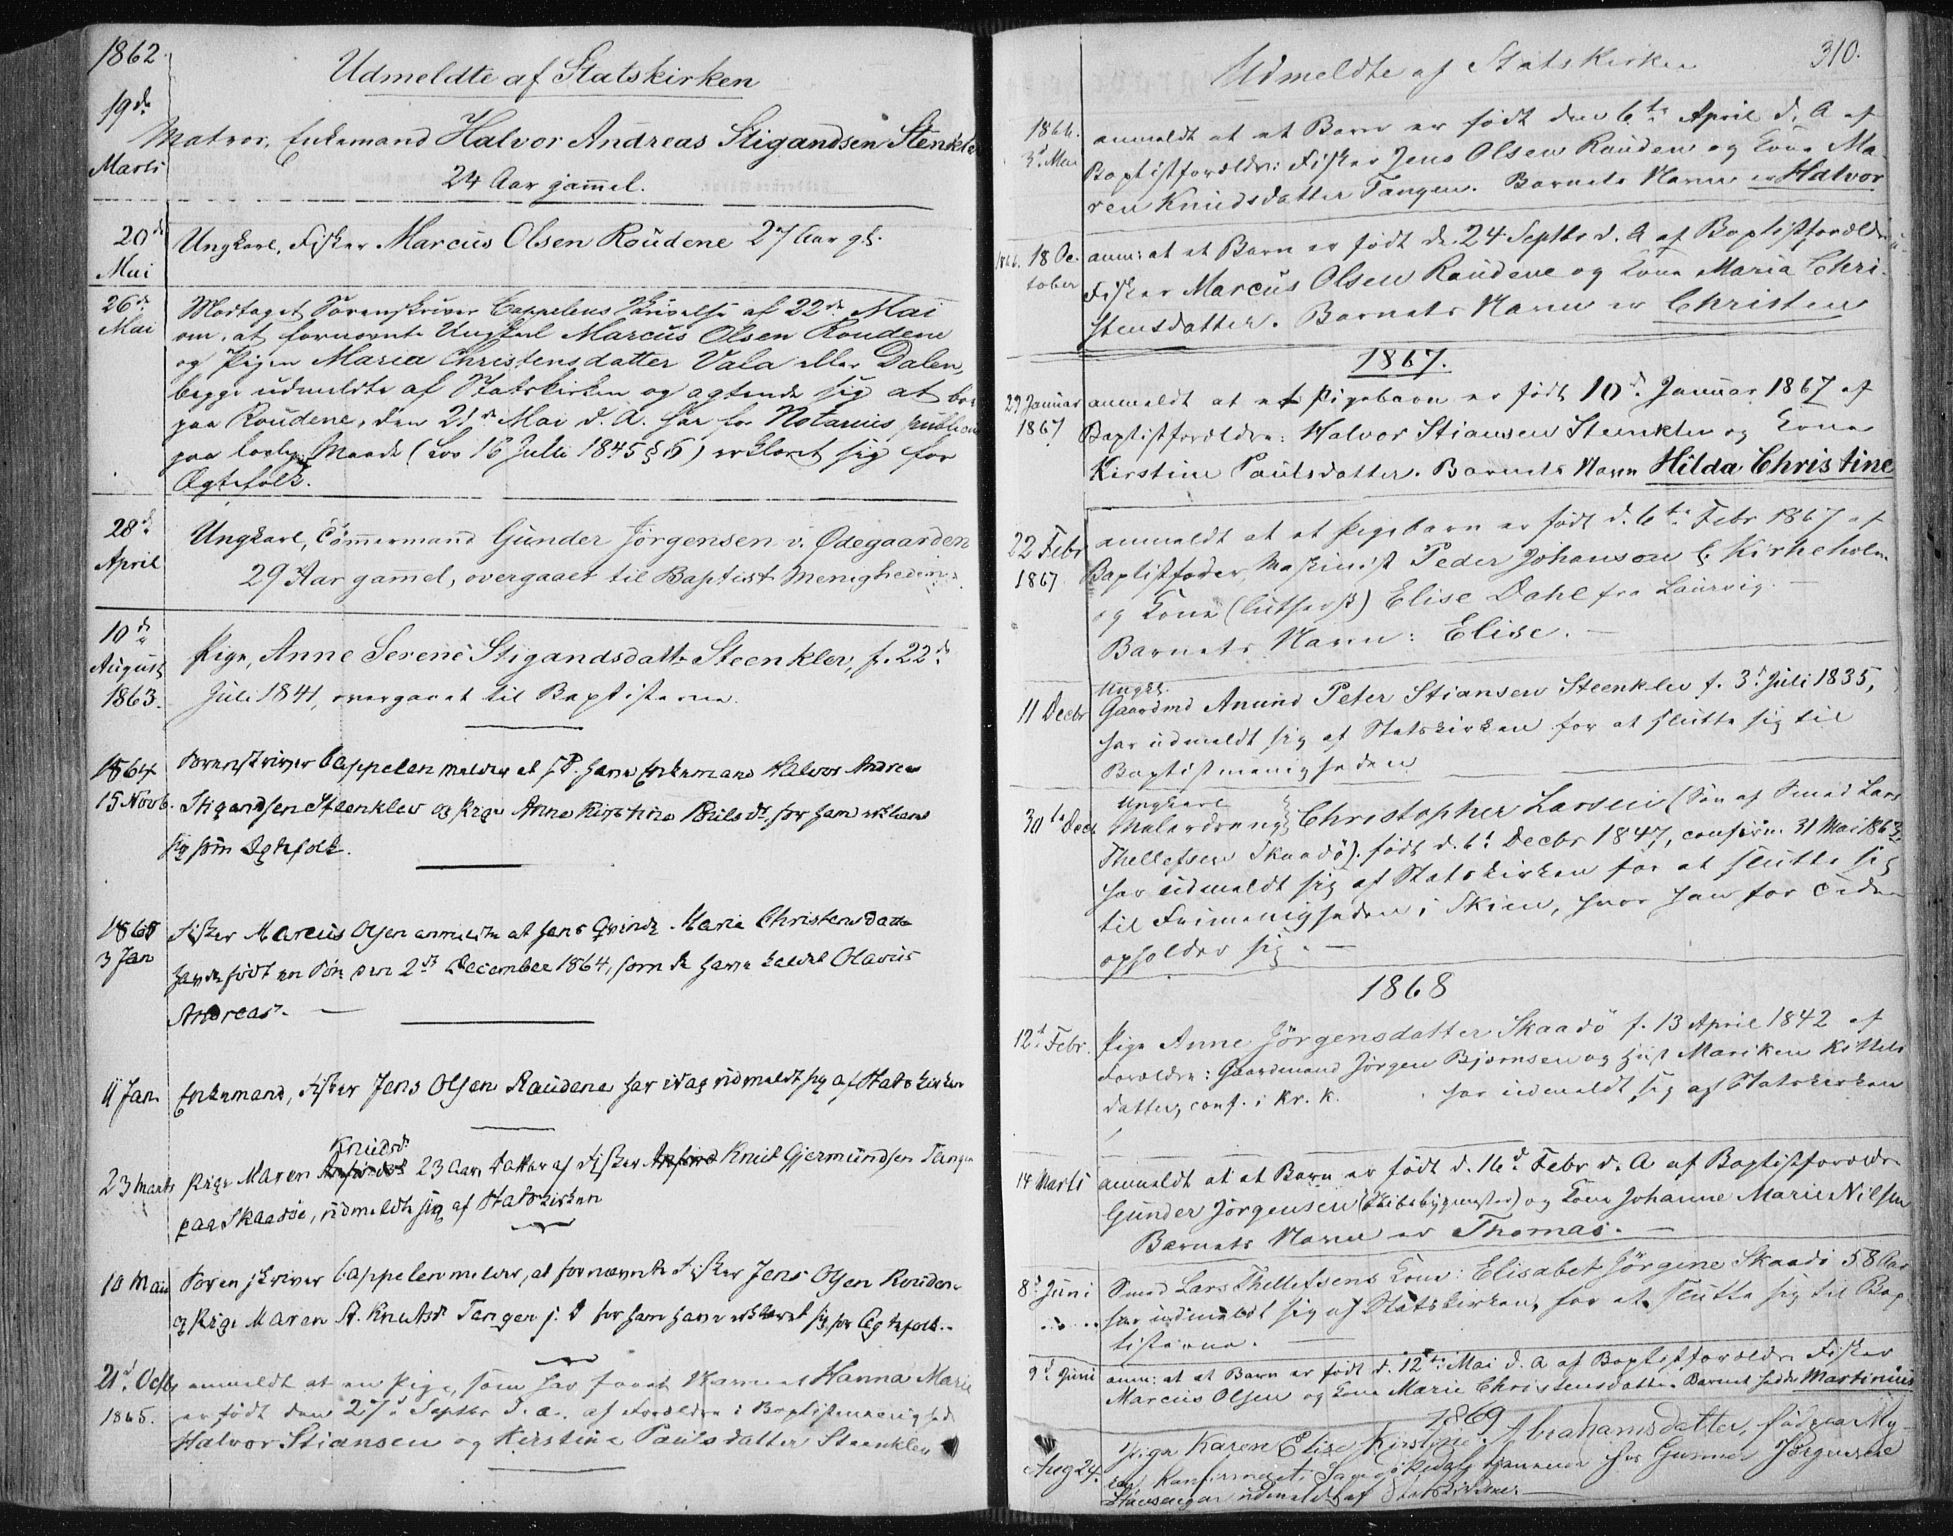 SAKO, Sannidal kirkebøker, F/Fa/L0008: Ministerialbok nr. 8, 1847-1862, s. 310